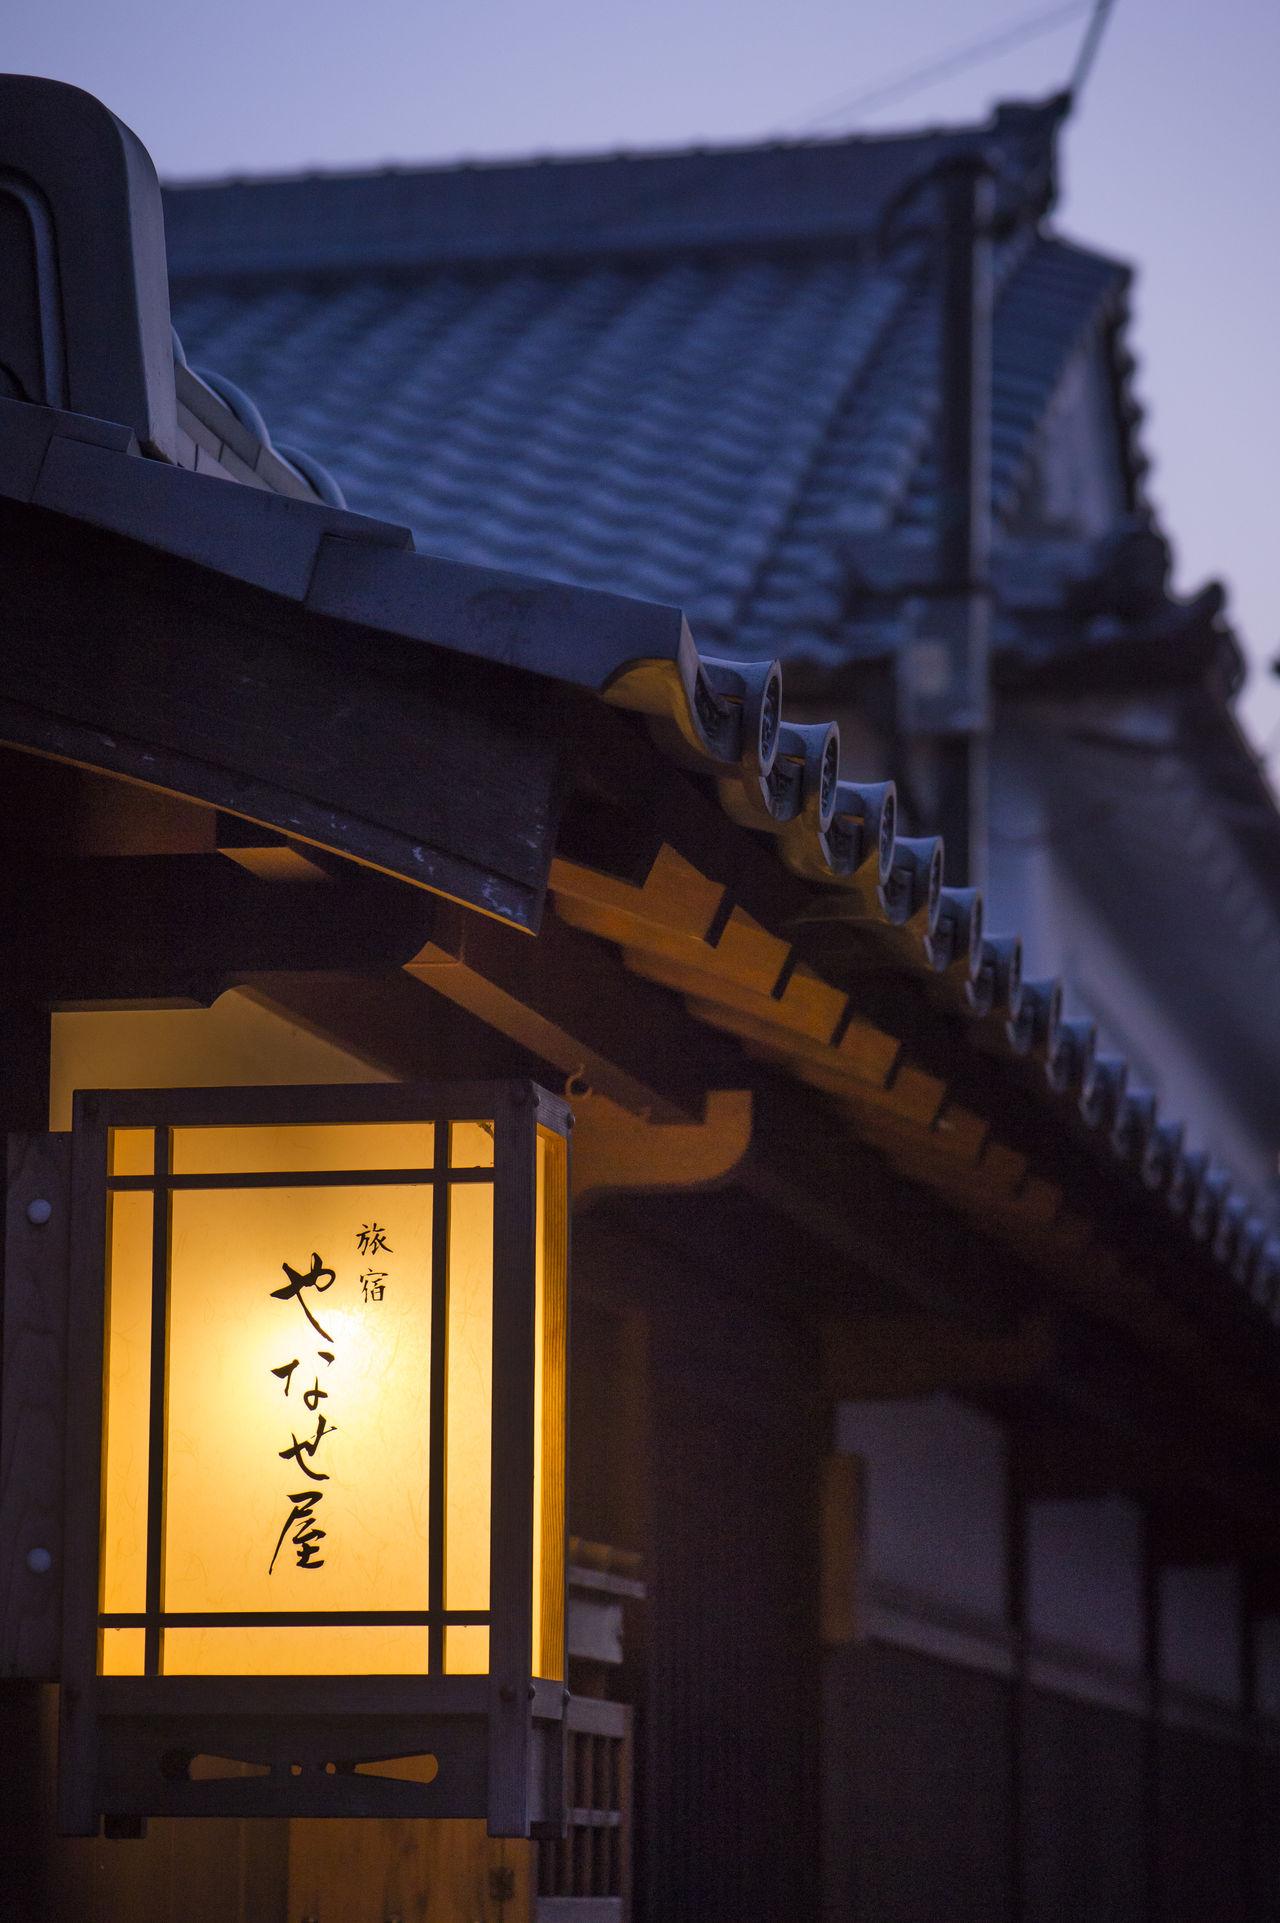 У входа в «Янасэя» висит деревянный фонарь